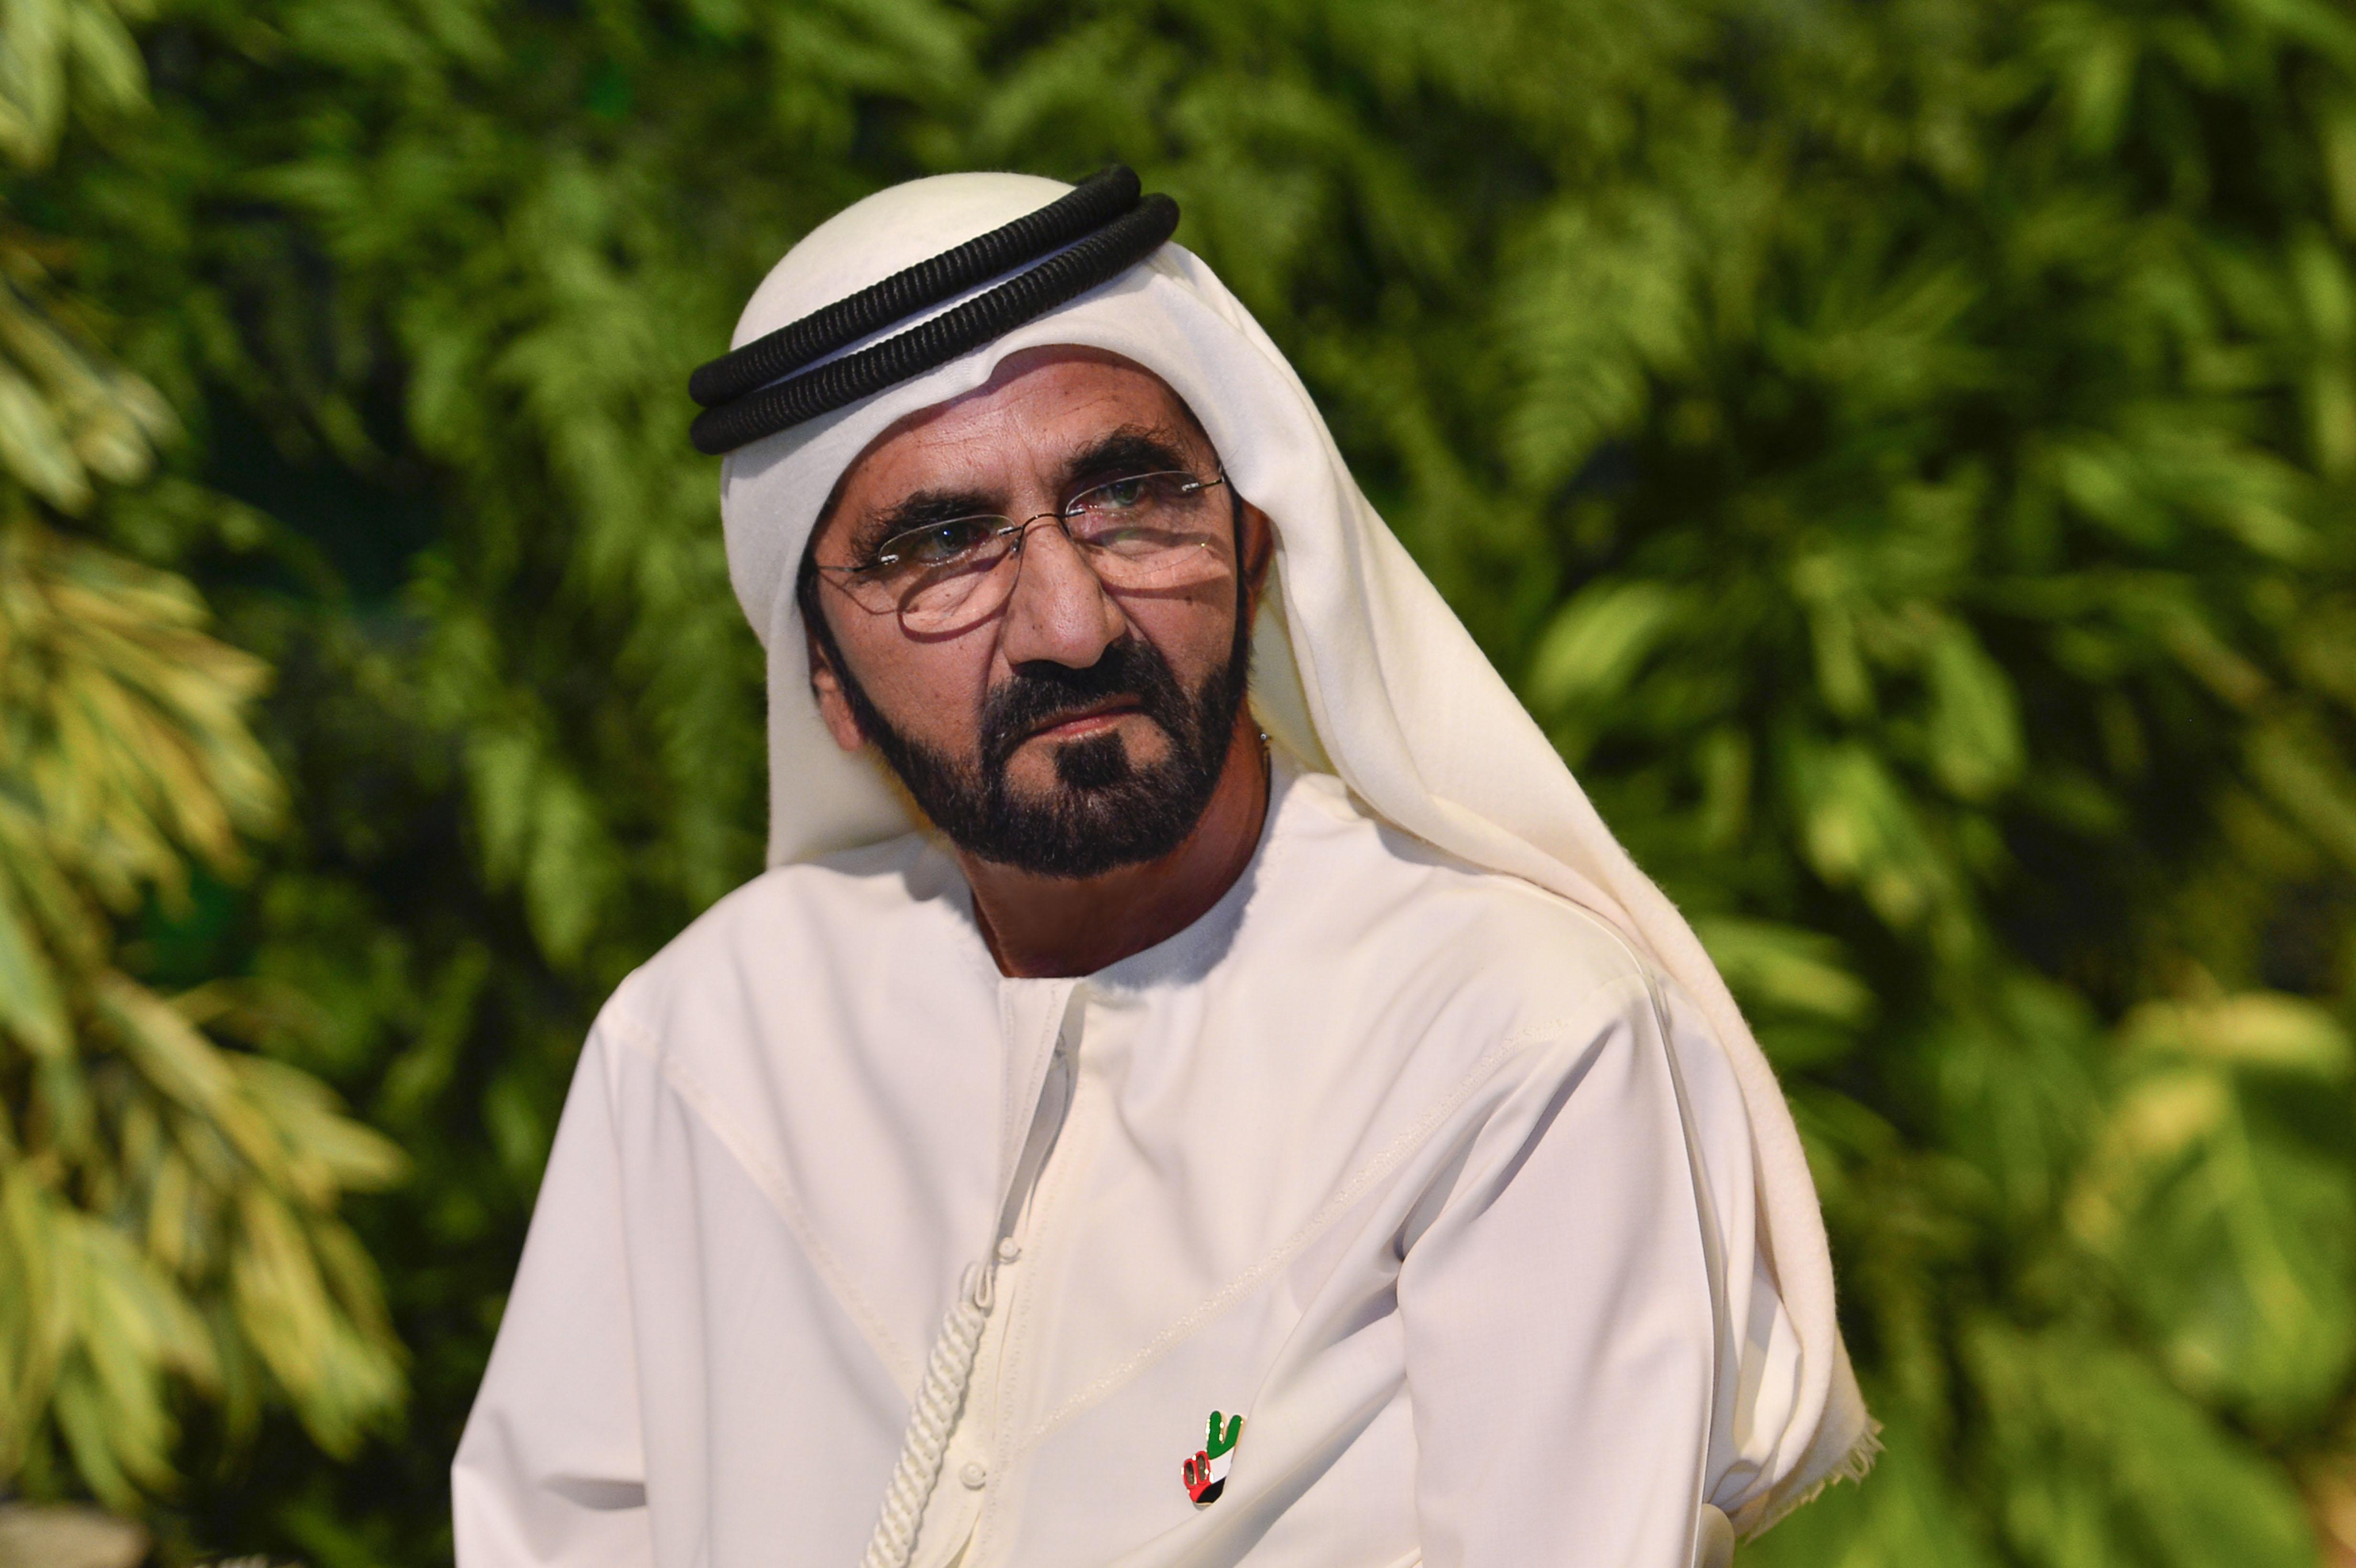 صاحب السمو الشيخ محمد بن راشد آل مكتوم - لأنه الإنسان